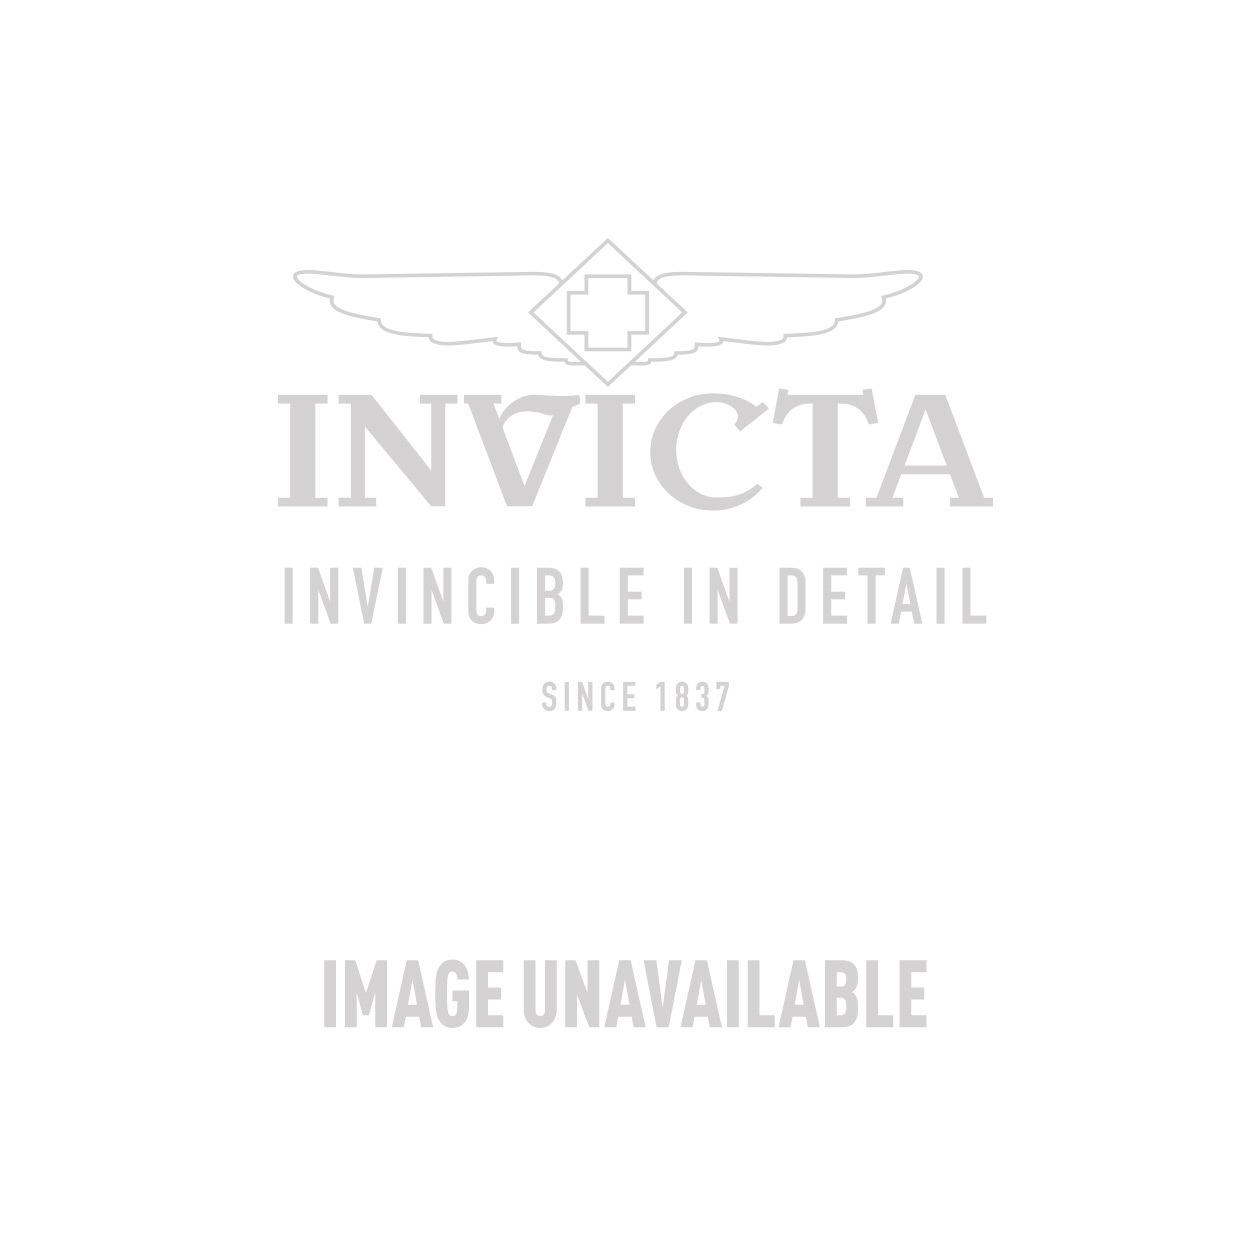 Invicta Model 21925